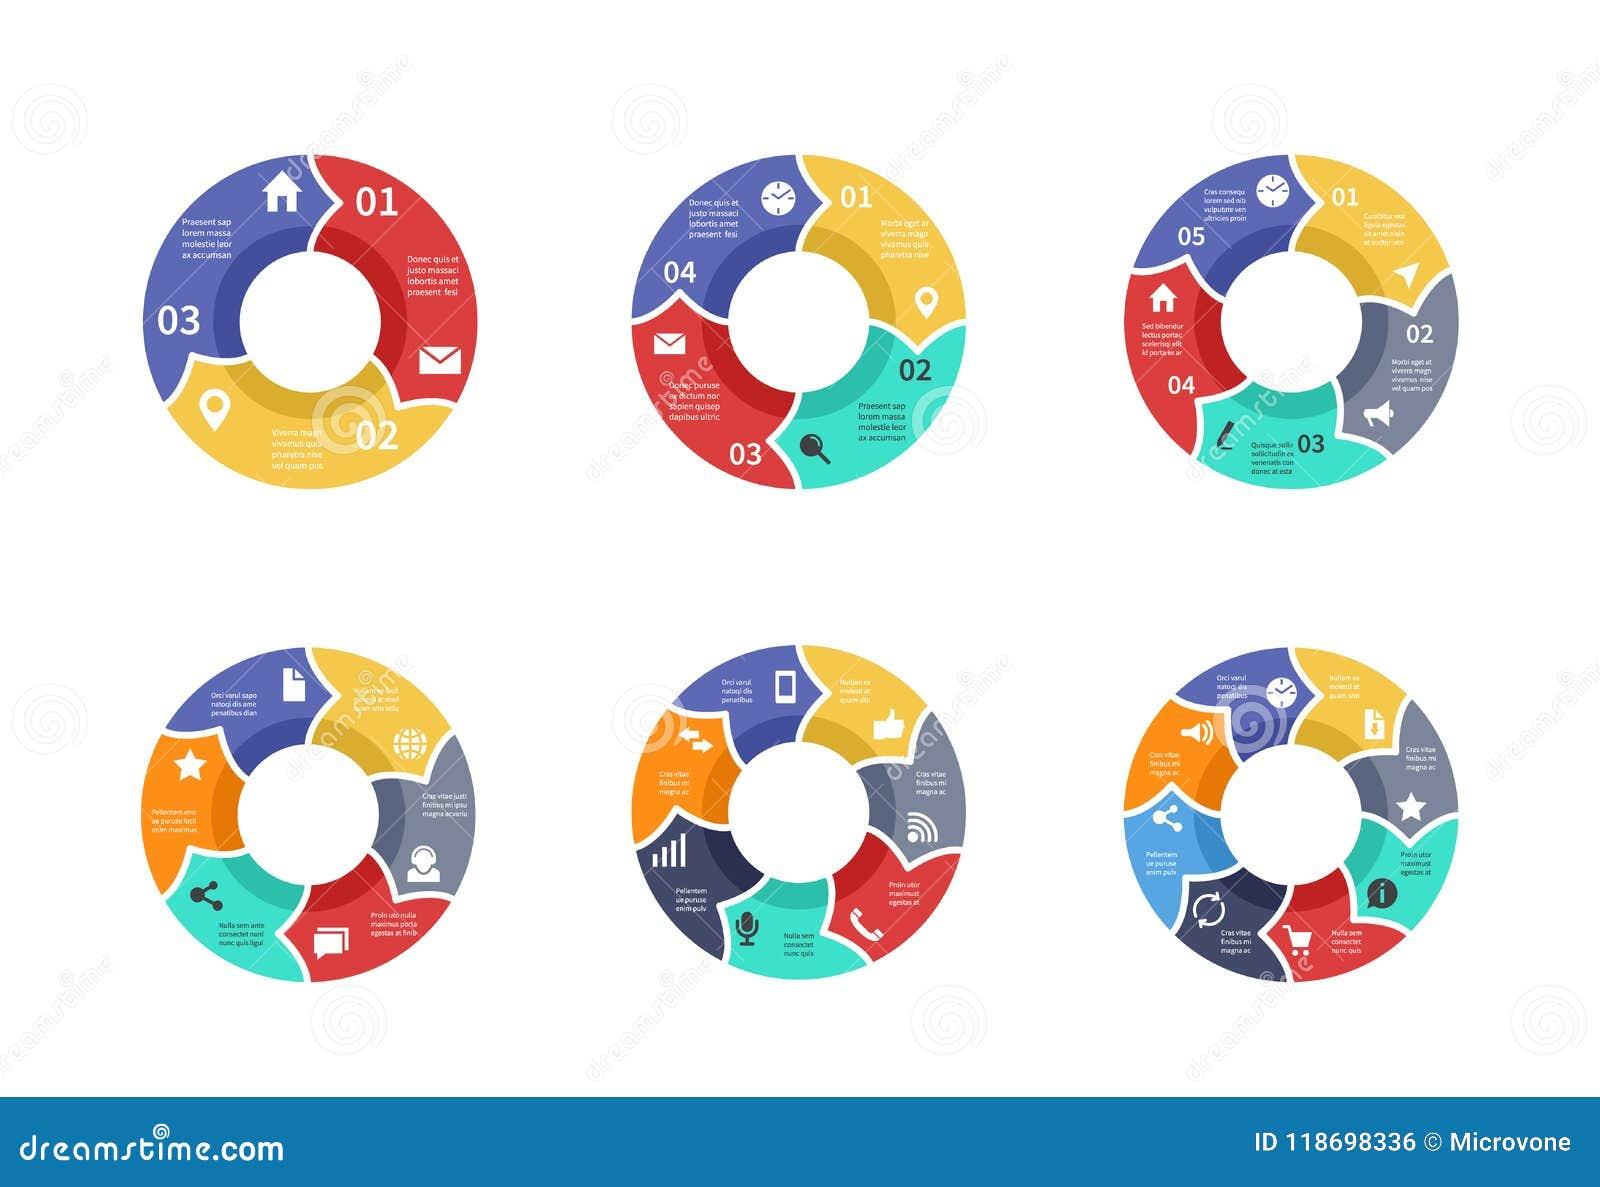 Κύκλος γραφικός, διαγράμματα πιτών, στρογγυλά διαγράμματα με τα εικονίδια, επιλογές, μέρη, βήματα, διανυσματικό σύνολο τομέων της